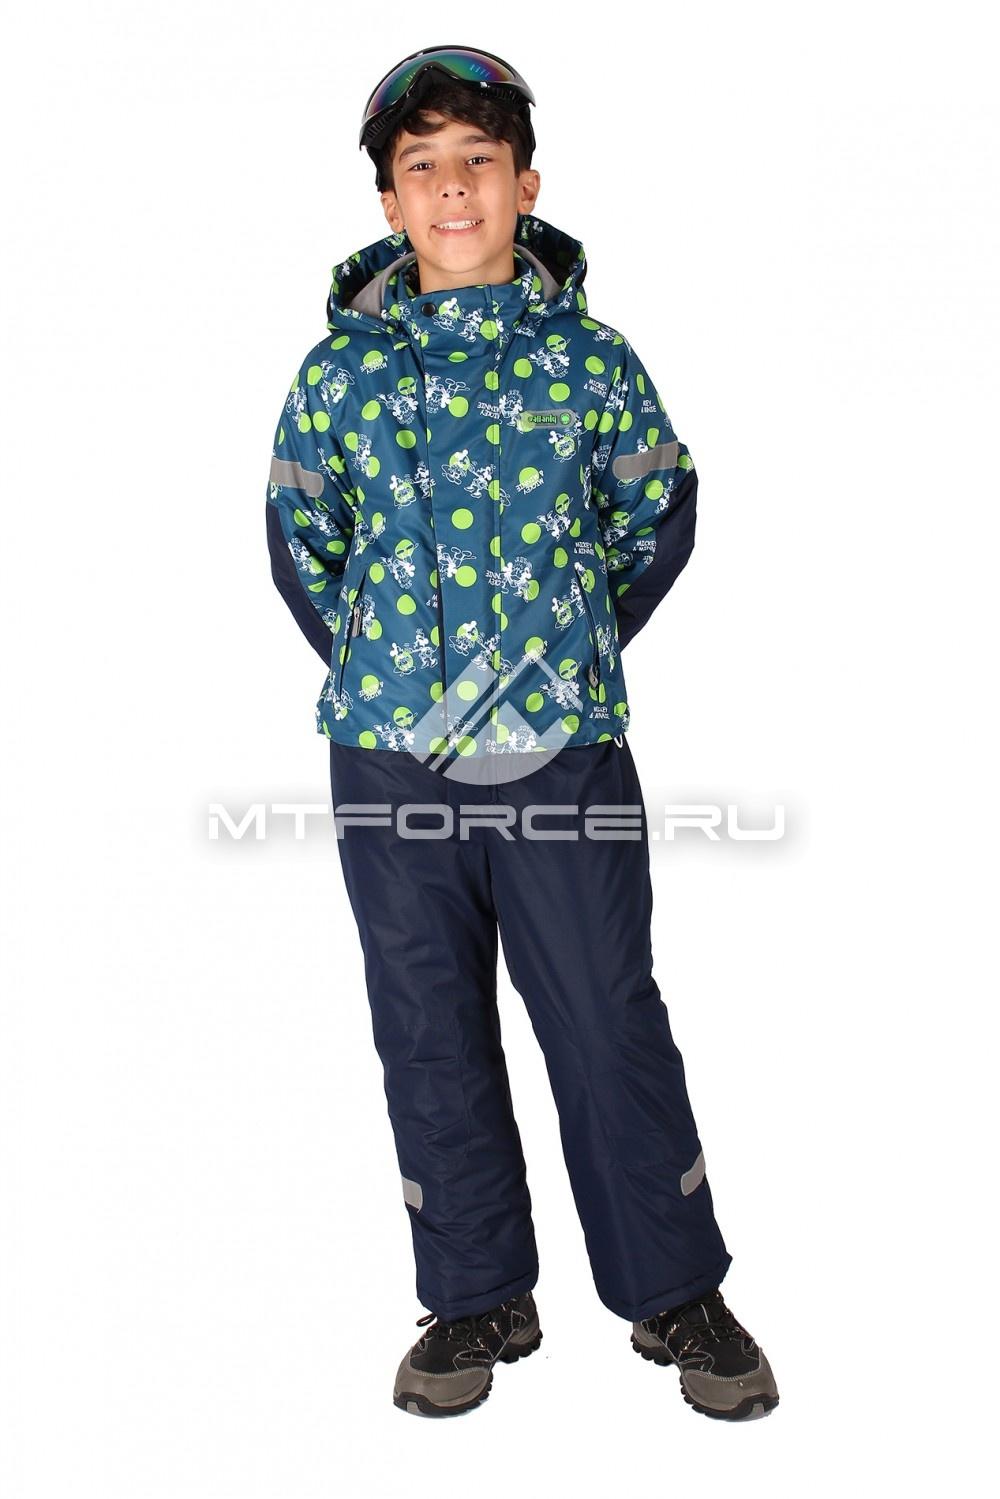 Купить                                  оптом Комбинезон горнолыжный  для мальчика темно-синего  цвета 6108TS